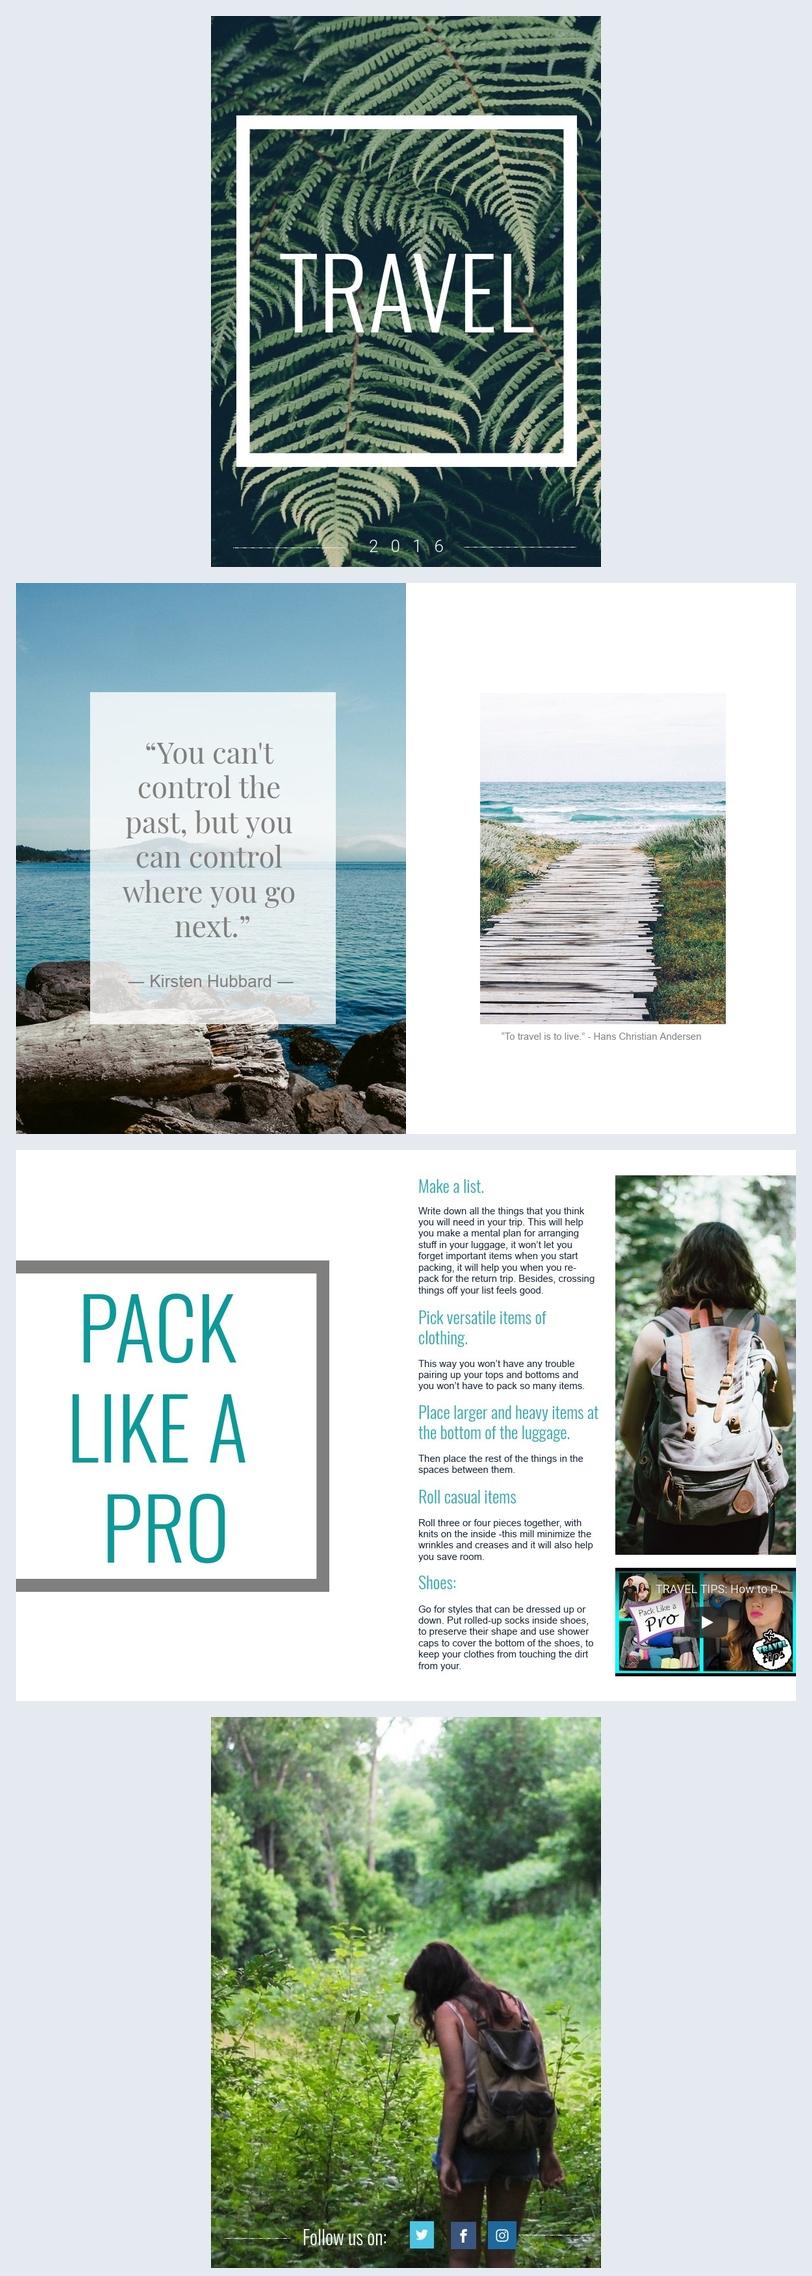 Modello gratuito per album fotografico di viaggio online